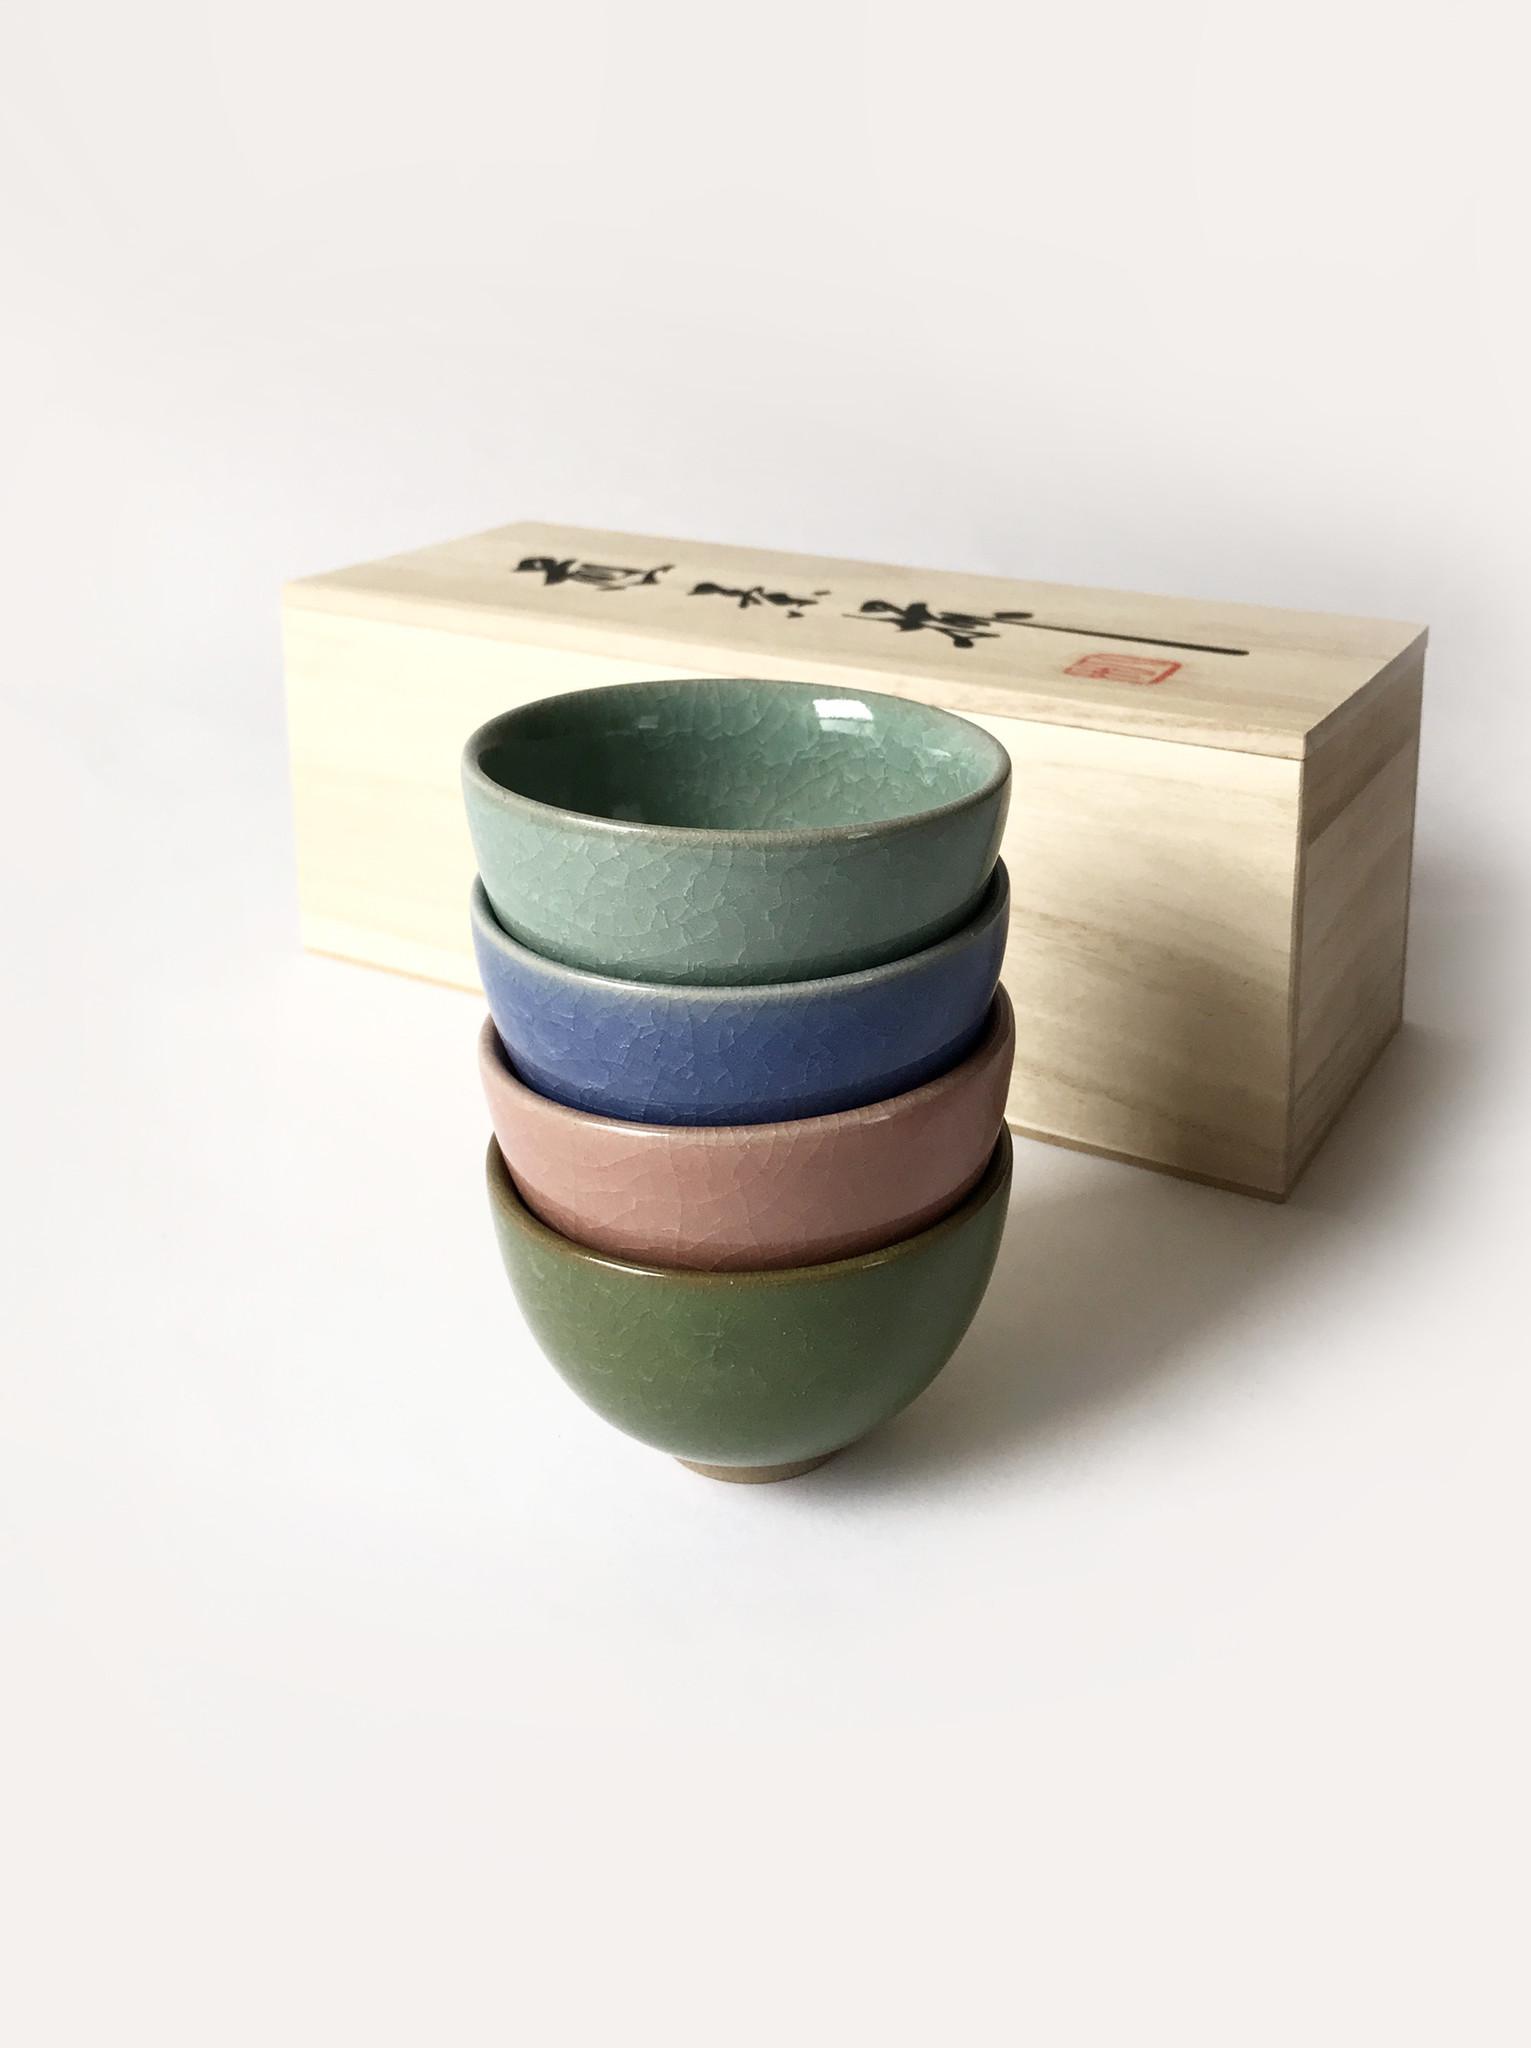 Miya Crackle Tea Cup in Pastels, Set of 4-1